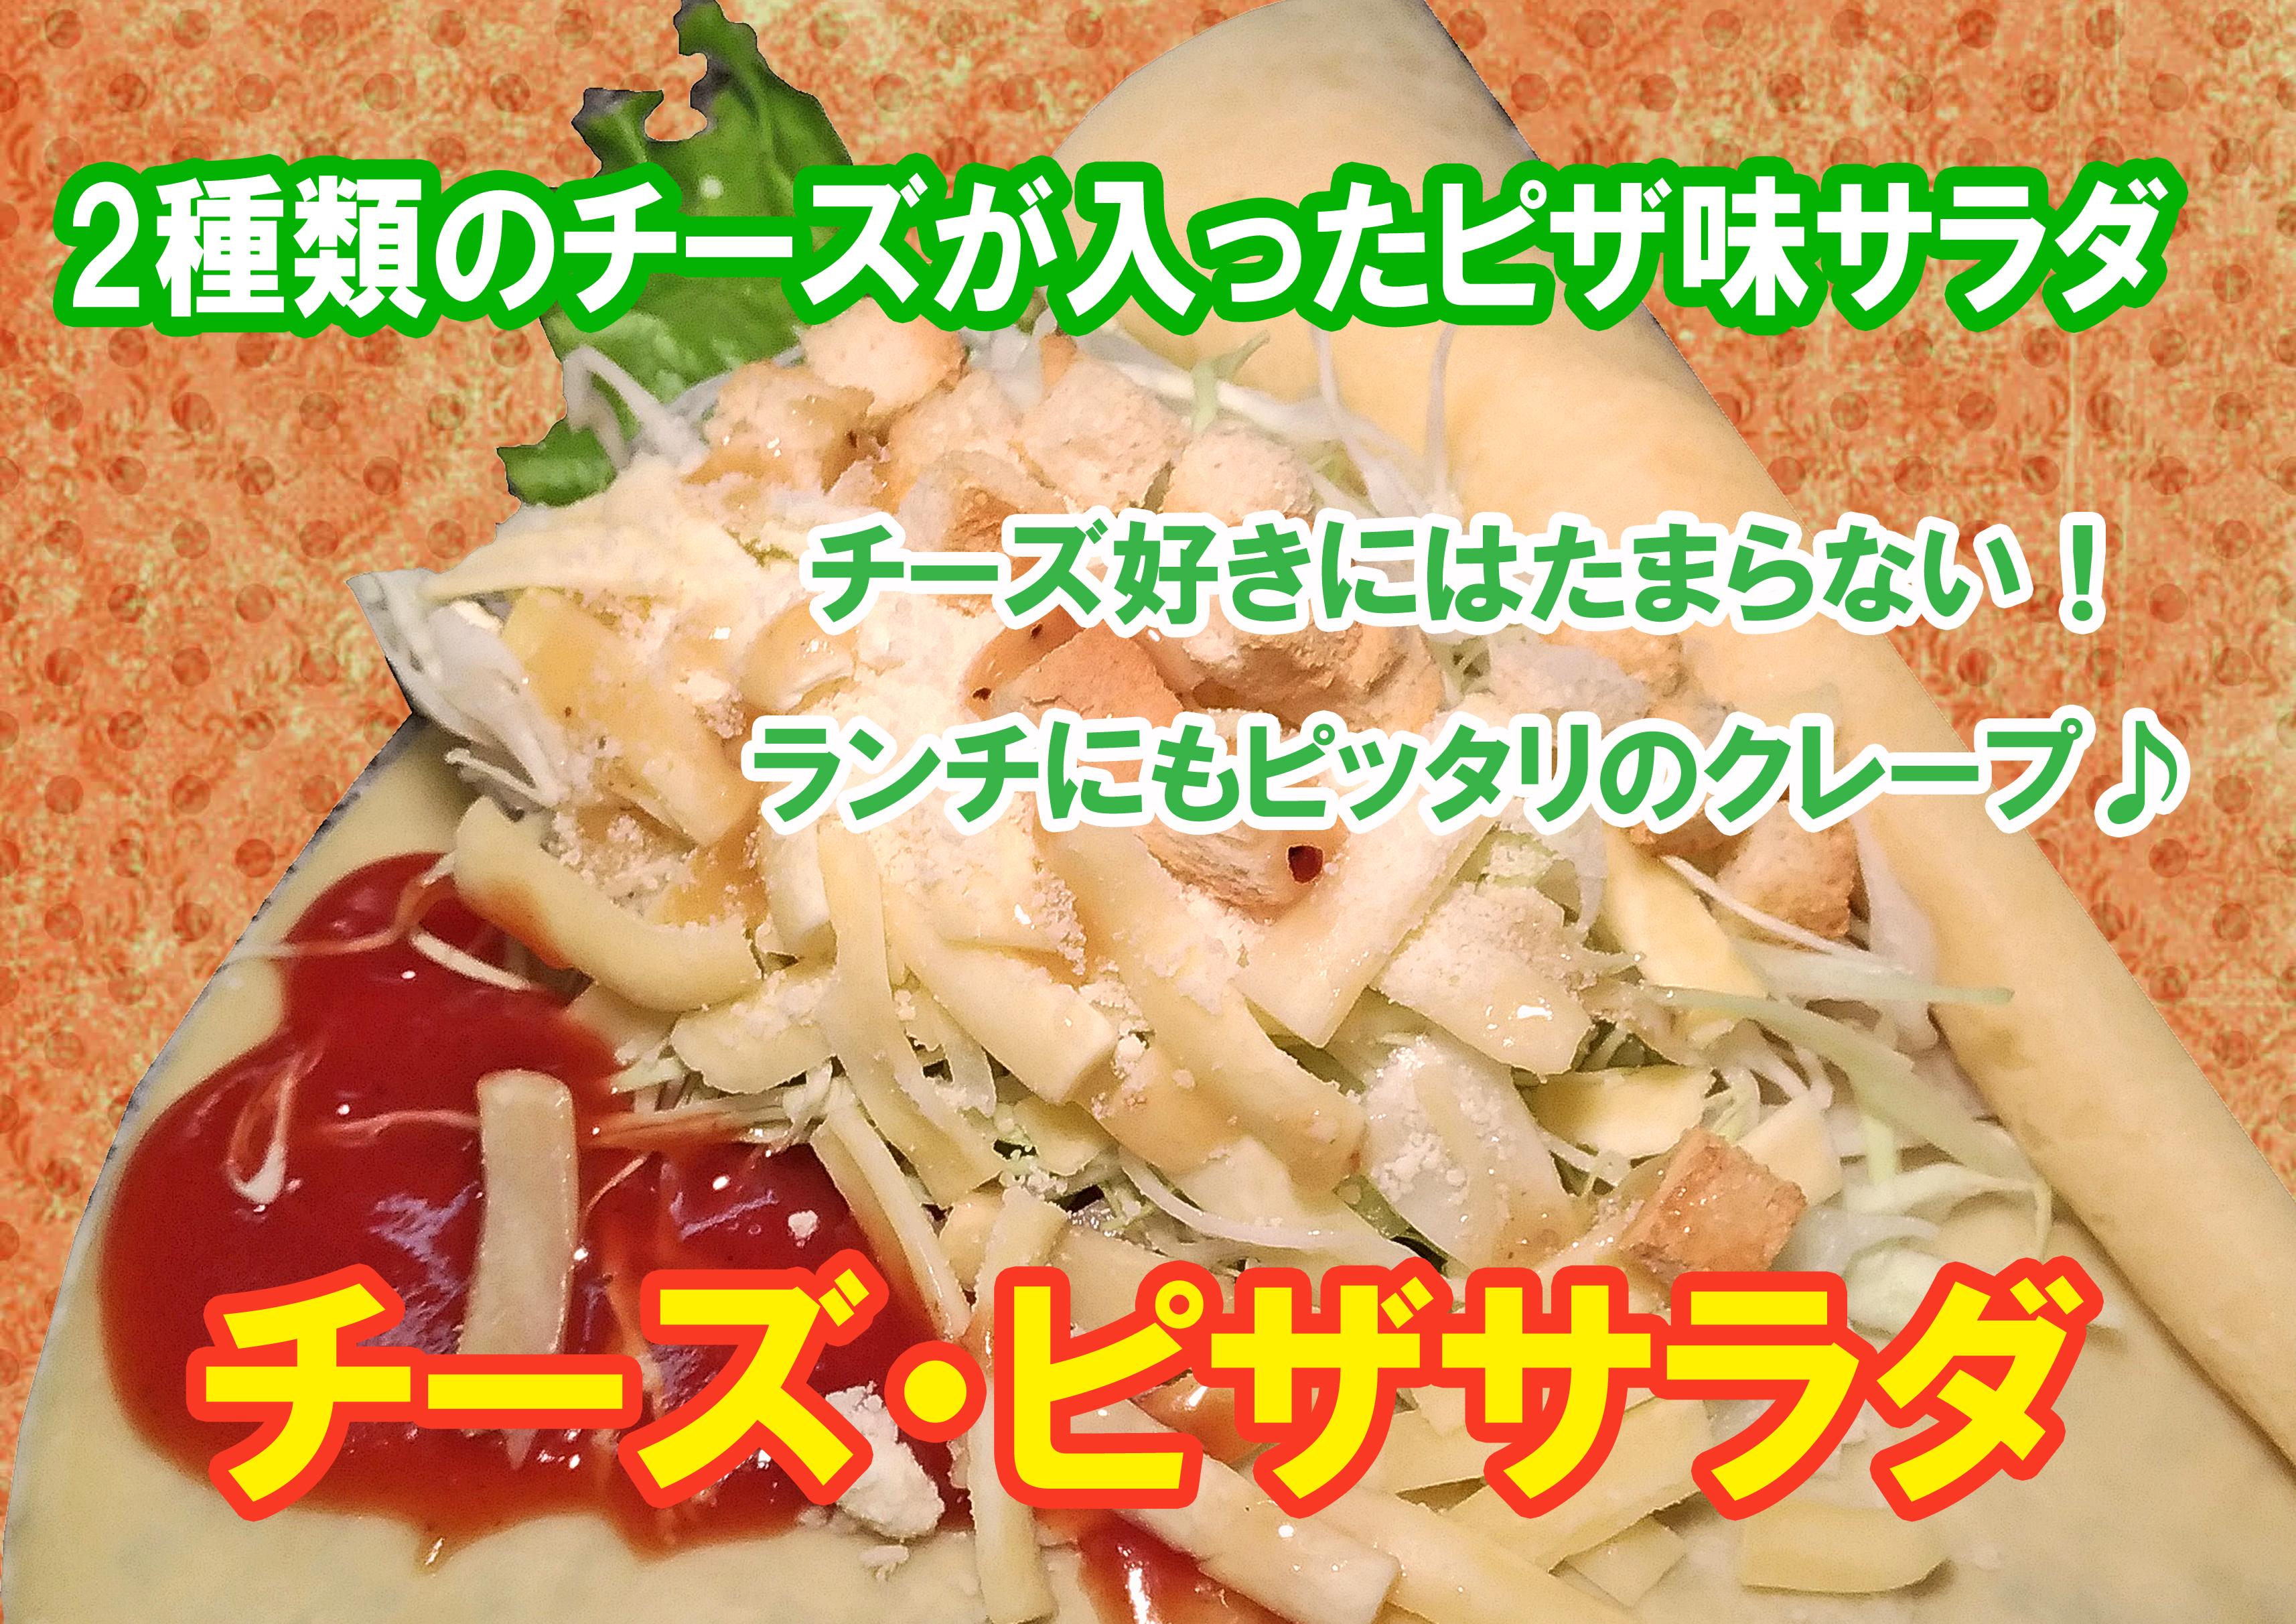 ぐるめ号ドリームクレープドリームロールチーズピザサラダ